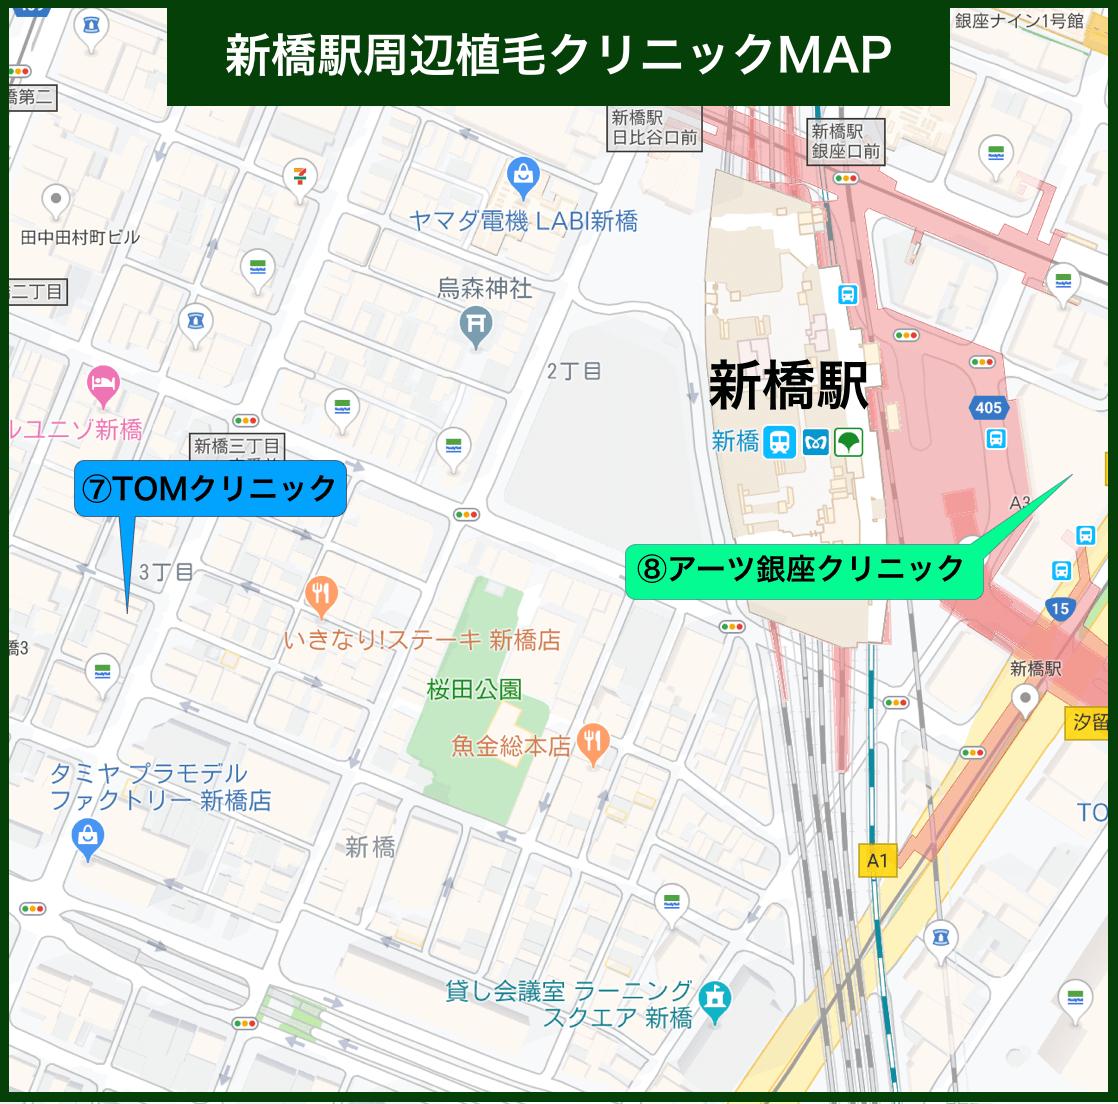 新橋駅周辺植毛クリニックMAP